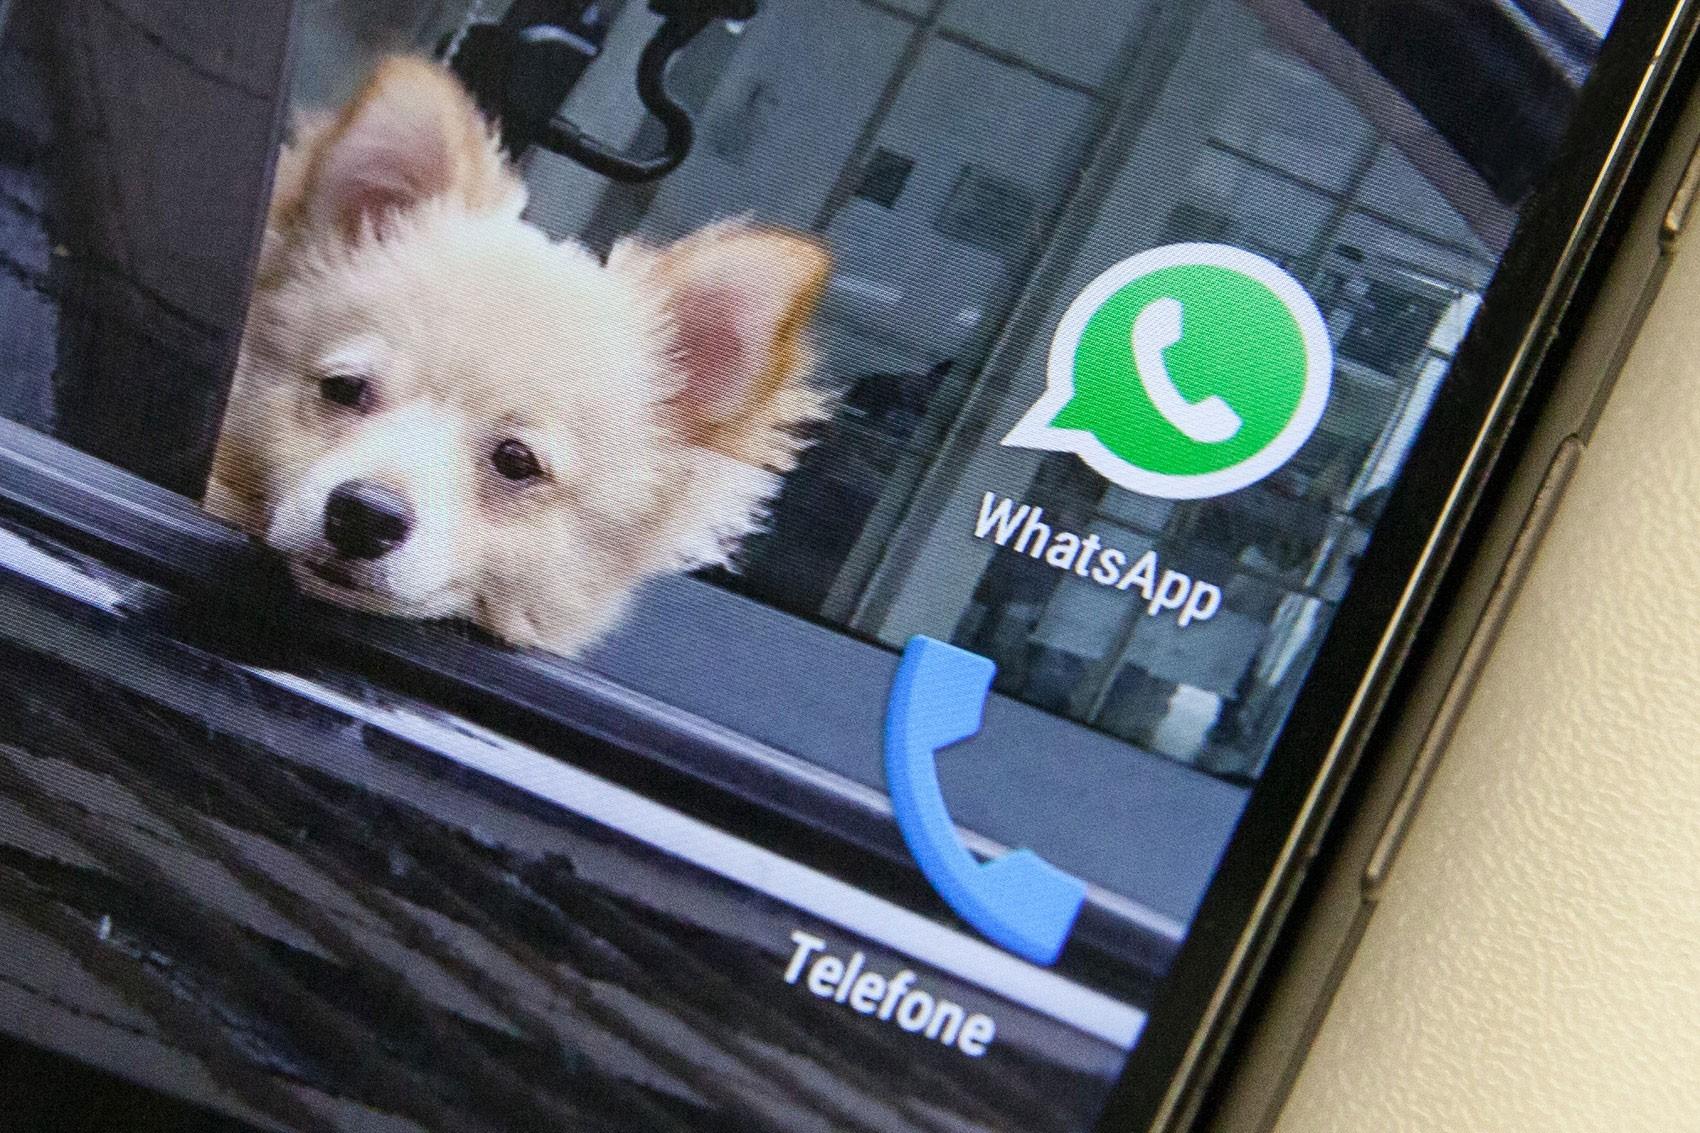 Ícone do Whatsapp, um dos aplicativos de conversa mais populares do mundo, é visto na tela de um smartphone